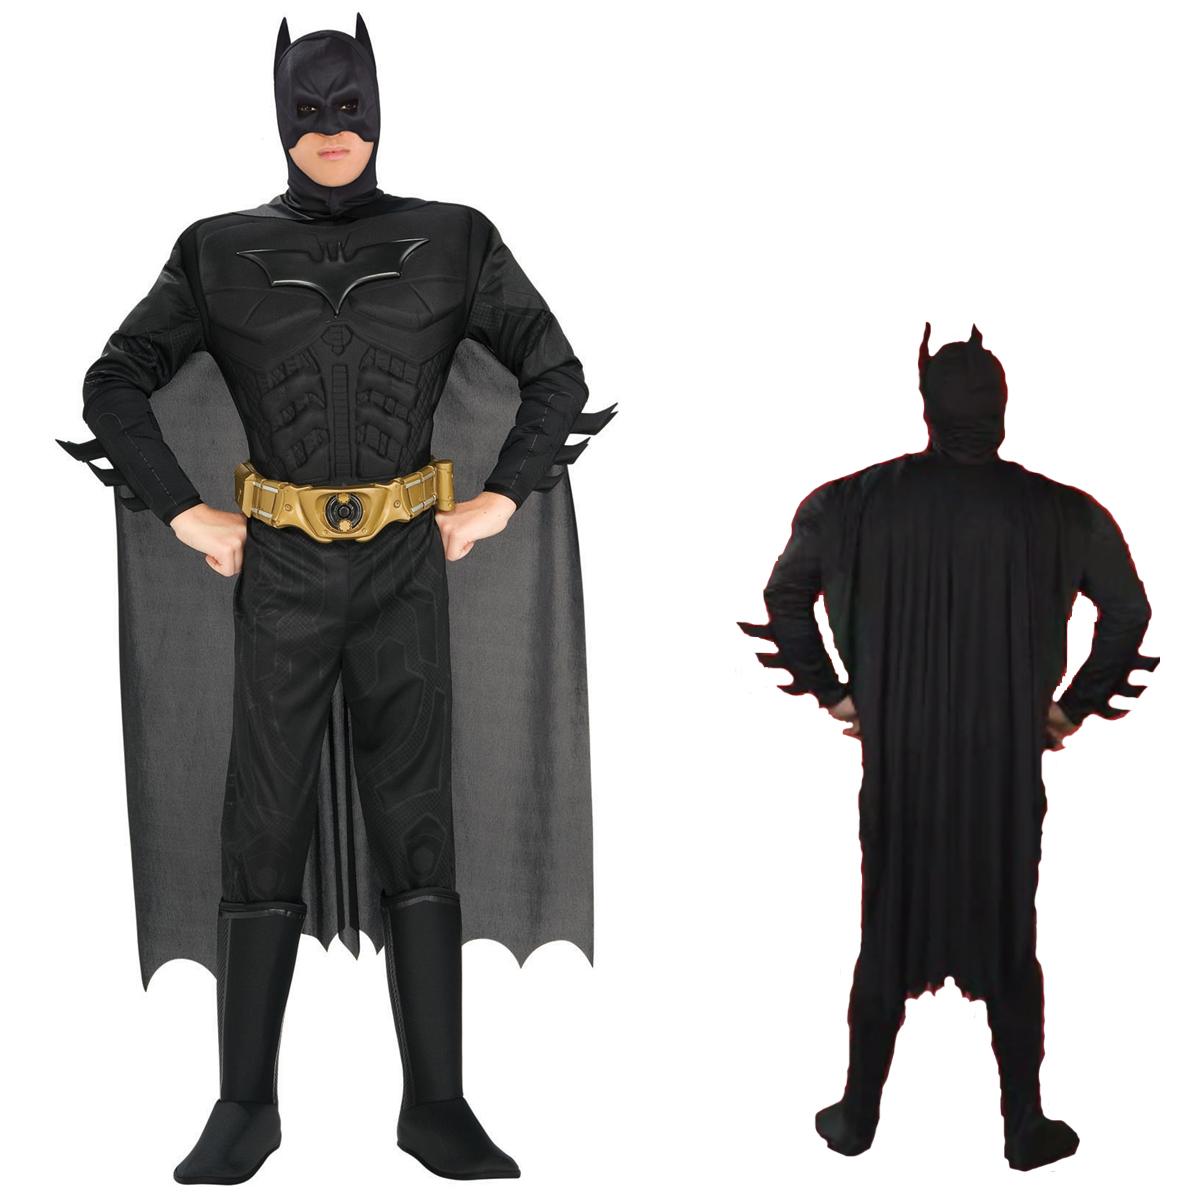 バットマン コスプレ ハロウィン バットマン コスチューム 大人 男性用 コスプレ 衣装 映画 ヒーロー ルービーズ社製 ダークナイト 公式ライセンス スーツ